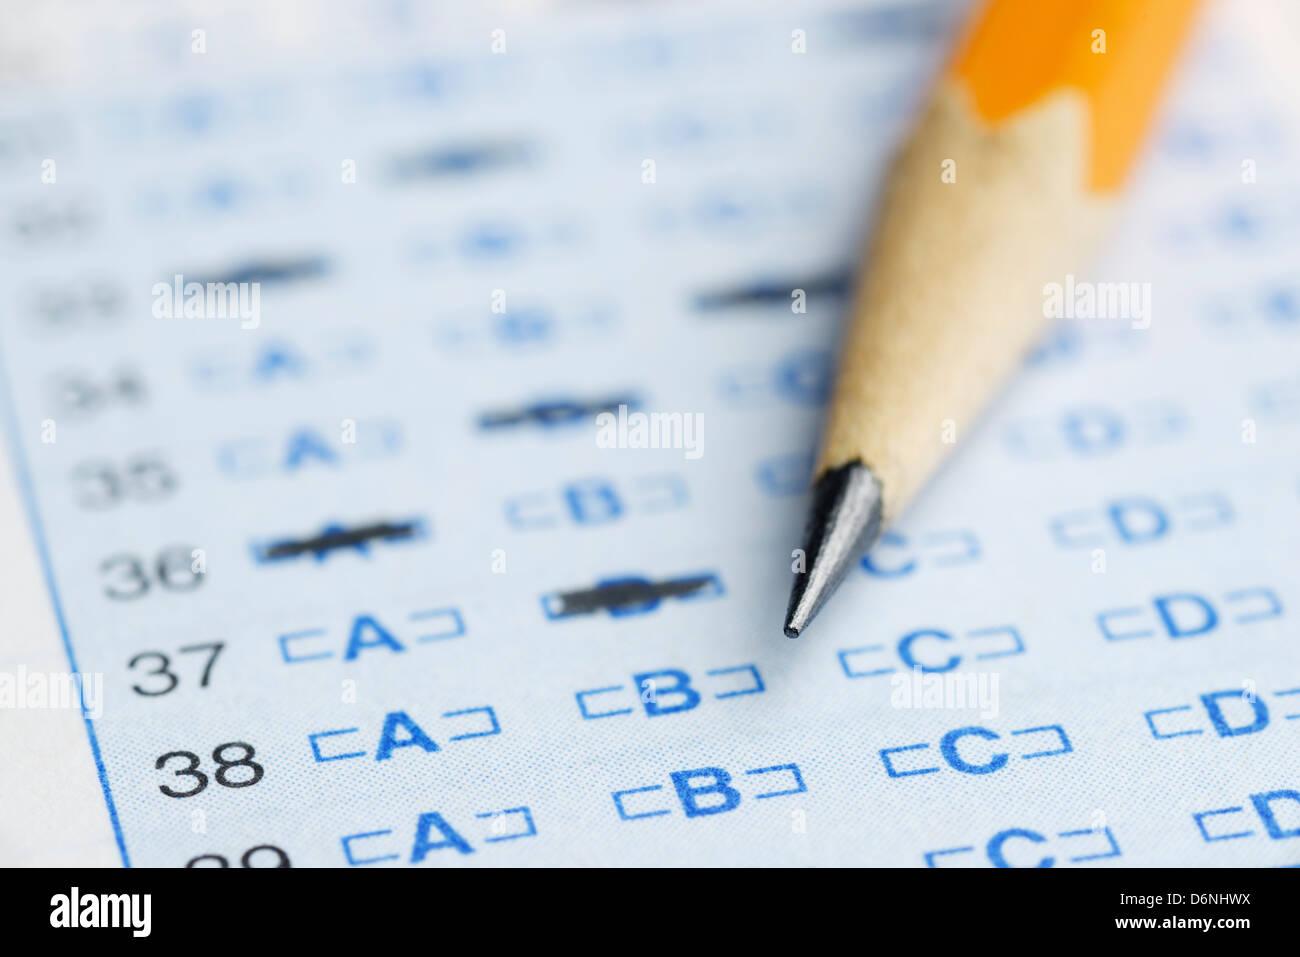 Hoja de respuestas de escaneo óptico para un examen escolar Imagen De Stock